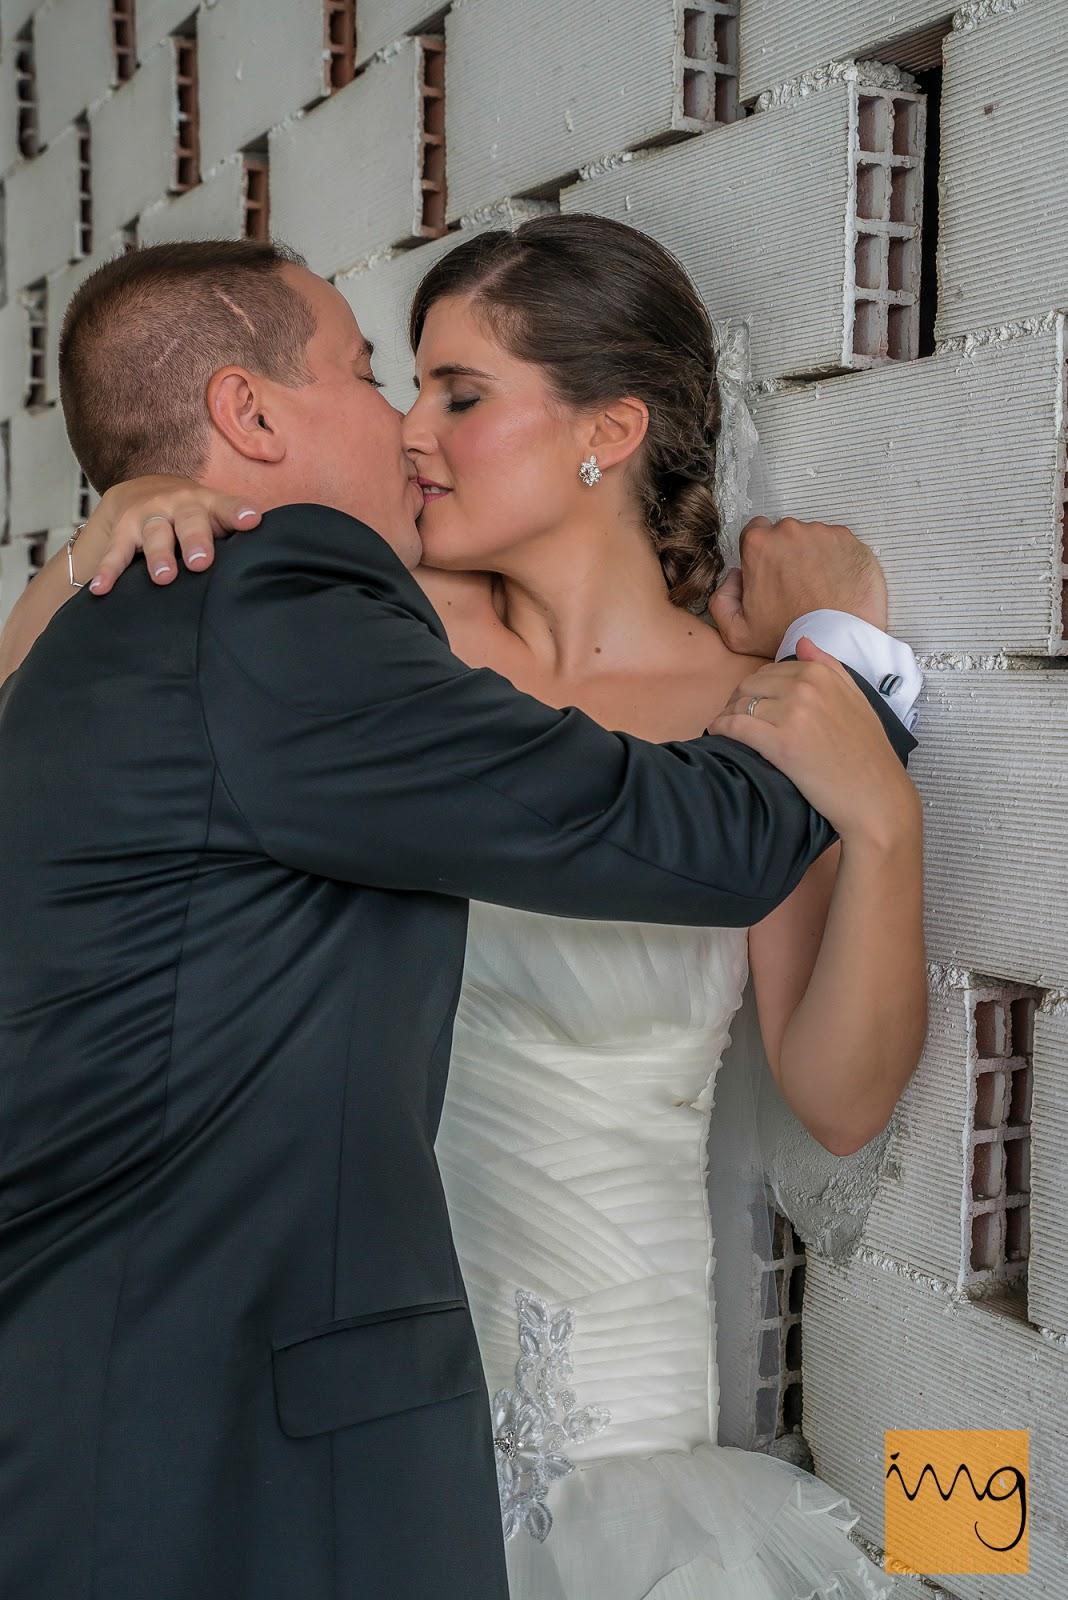 Fotografía de un beso apasionado en una pared de ladrillo